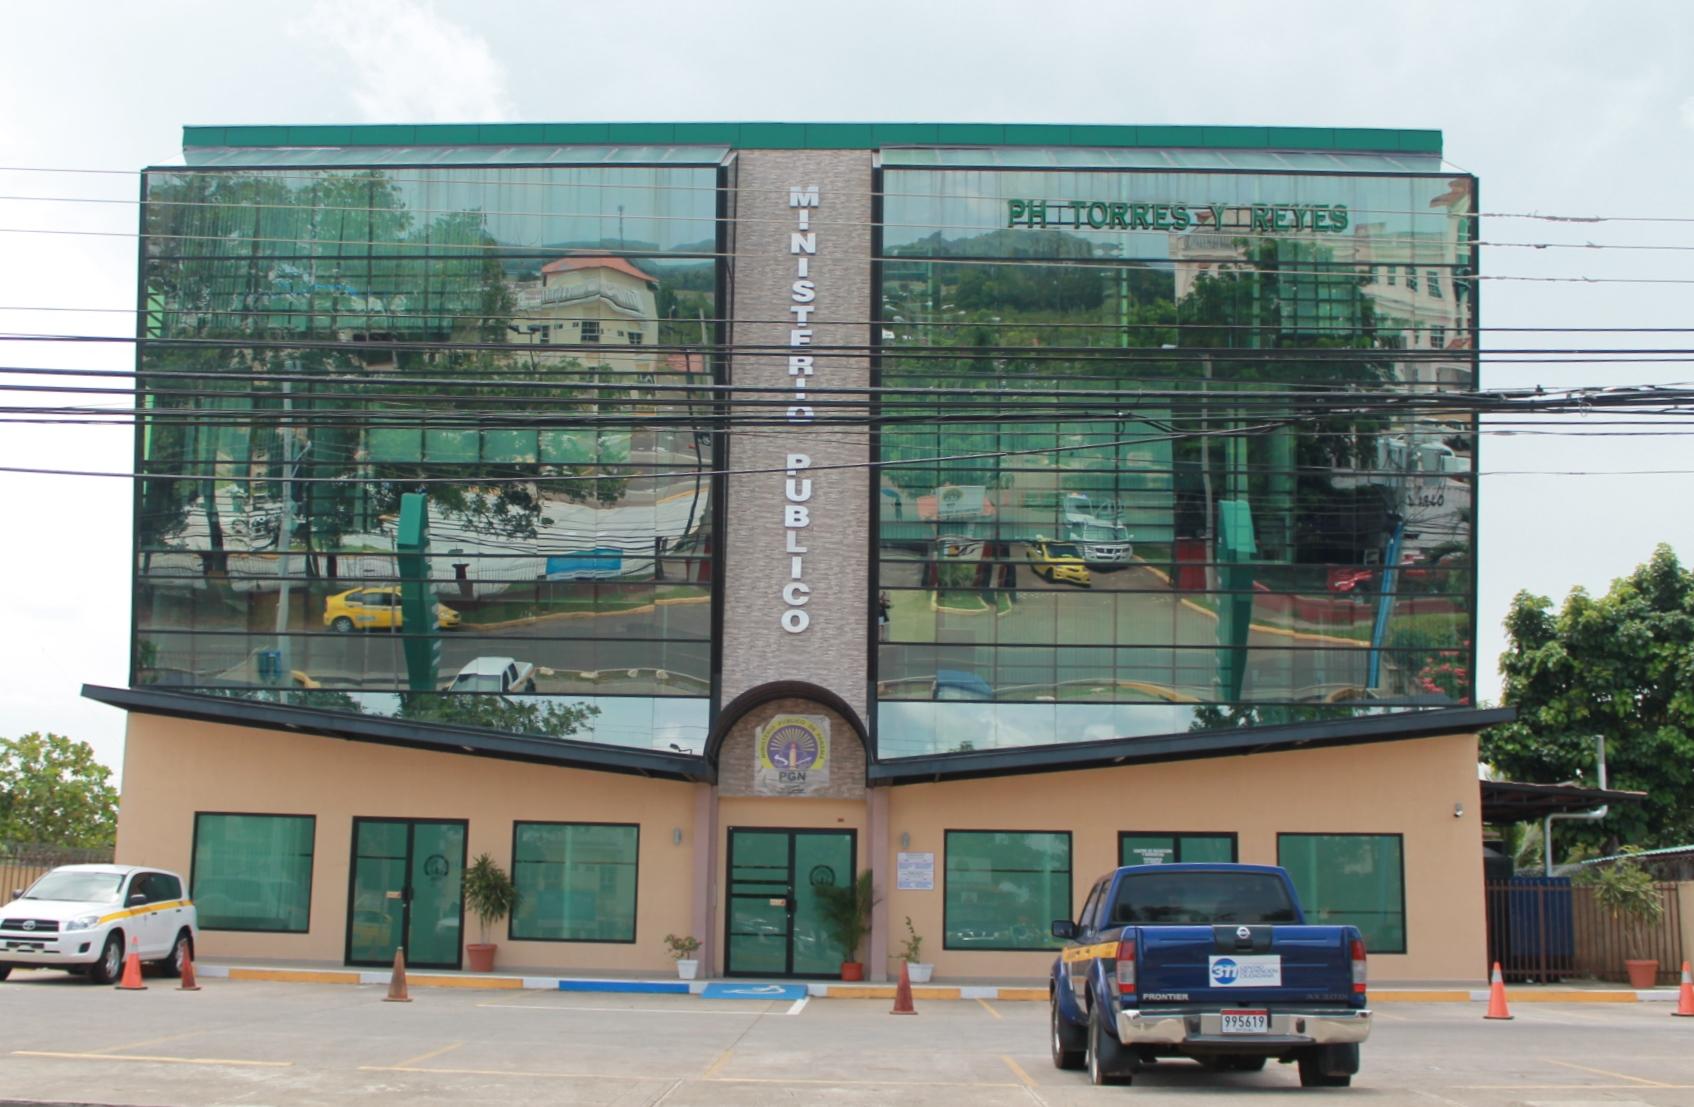 Edificio PH Torre, sede del MP Chiriquí